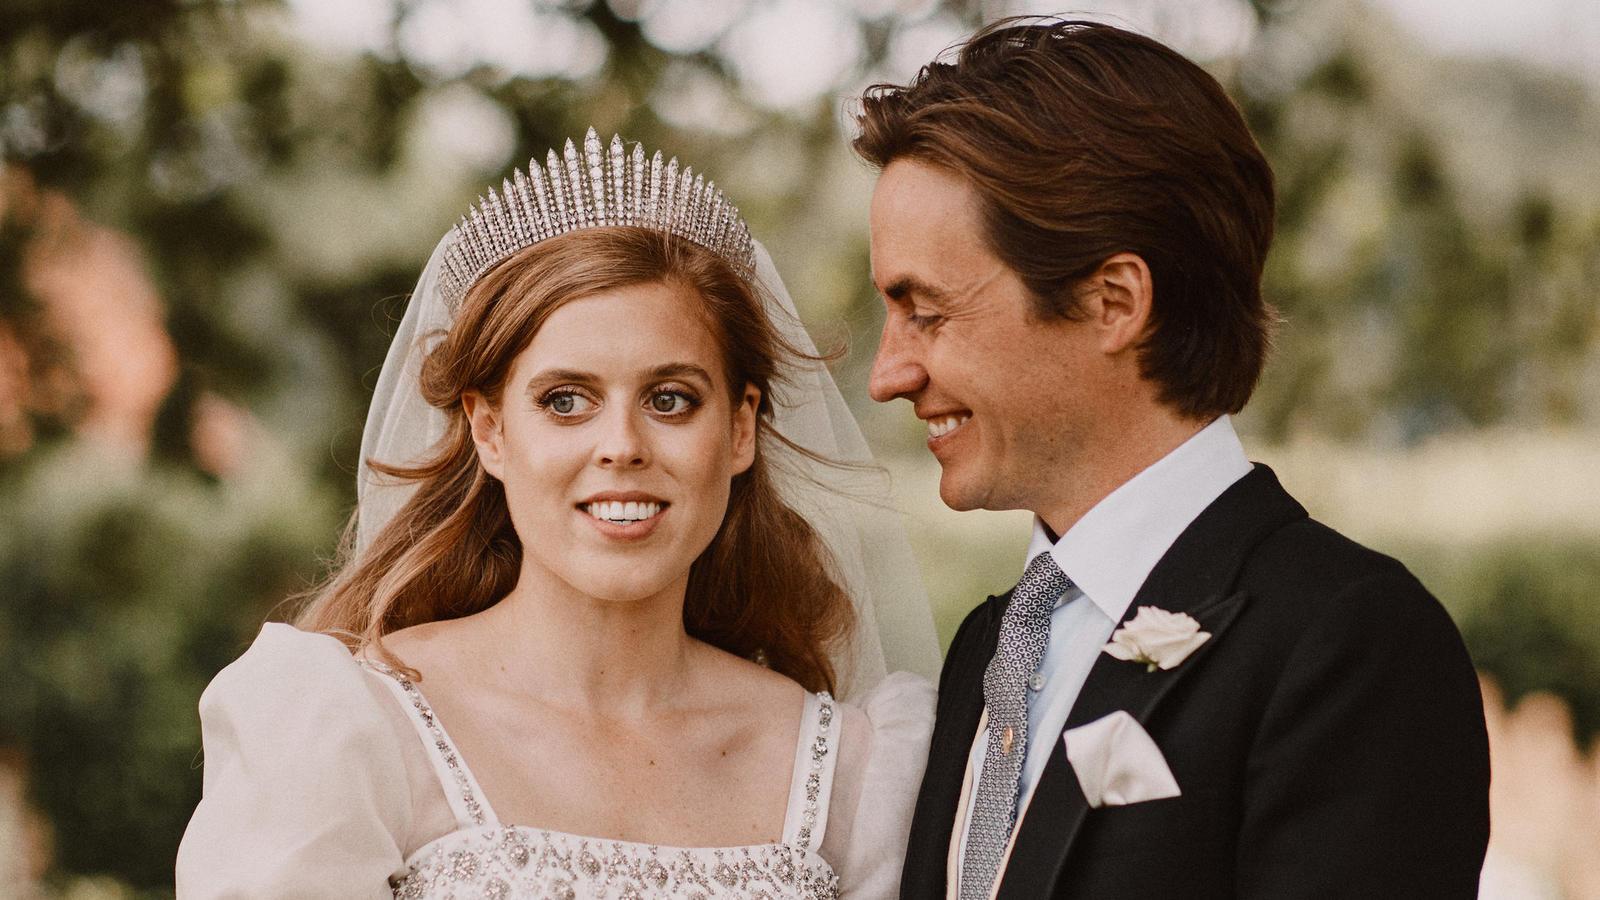 Prinzessin Beatrice als strahlend schöne Braut an der Seite ihres Gatten Edoardo Mapelli Mozzi.